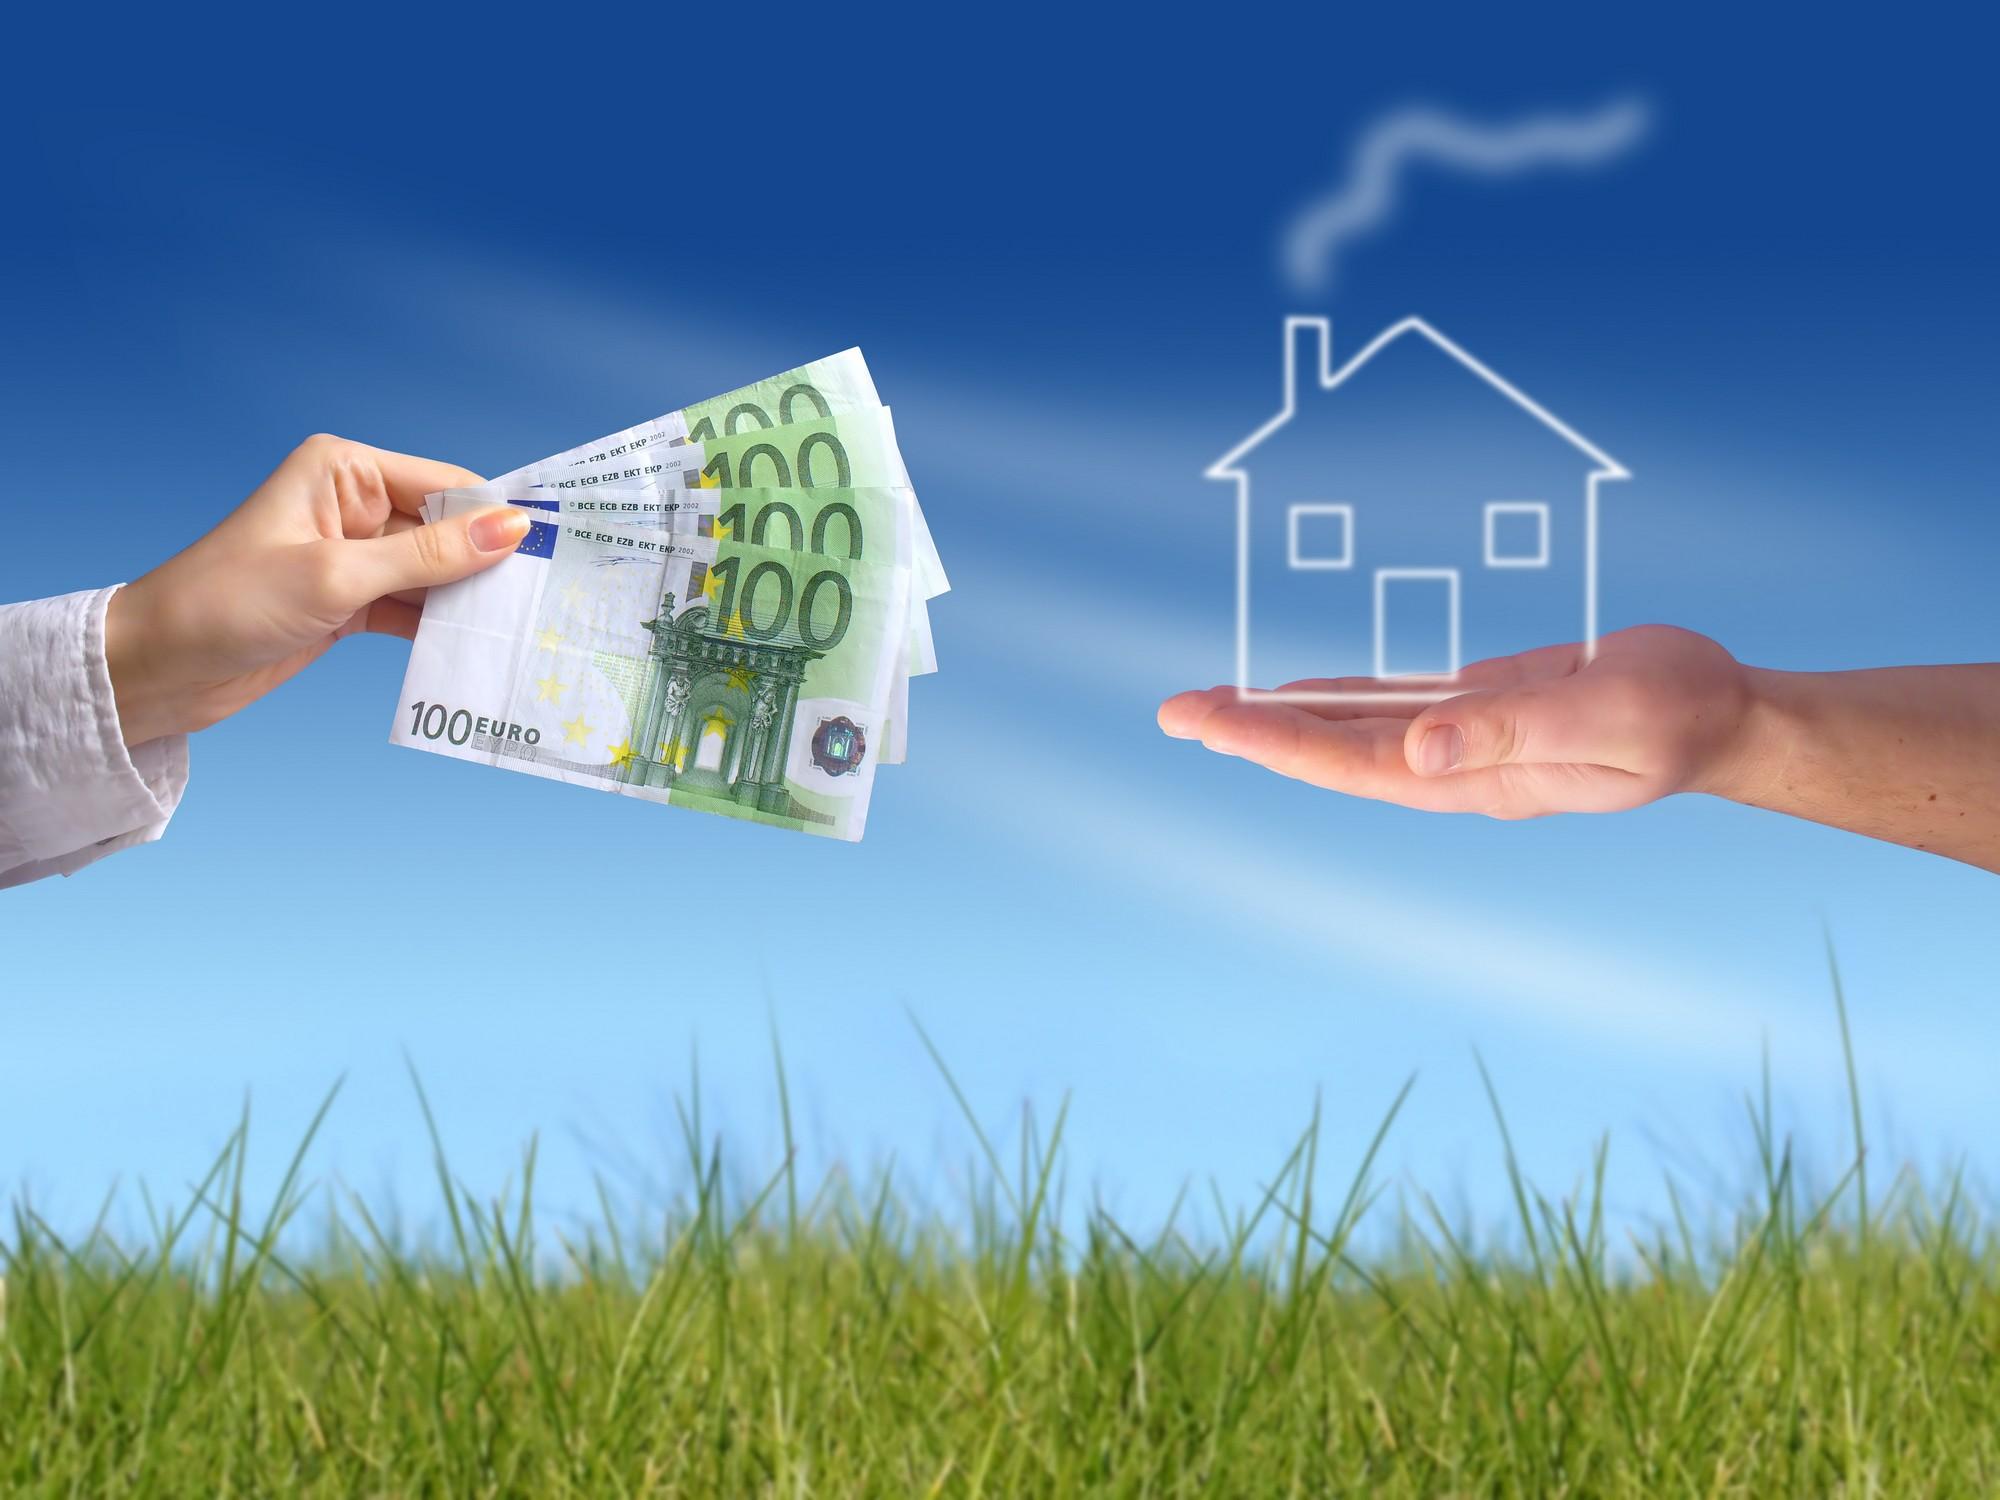 Vente immobilière : demande une négociation